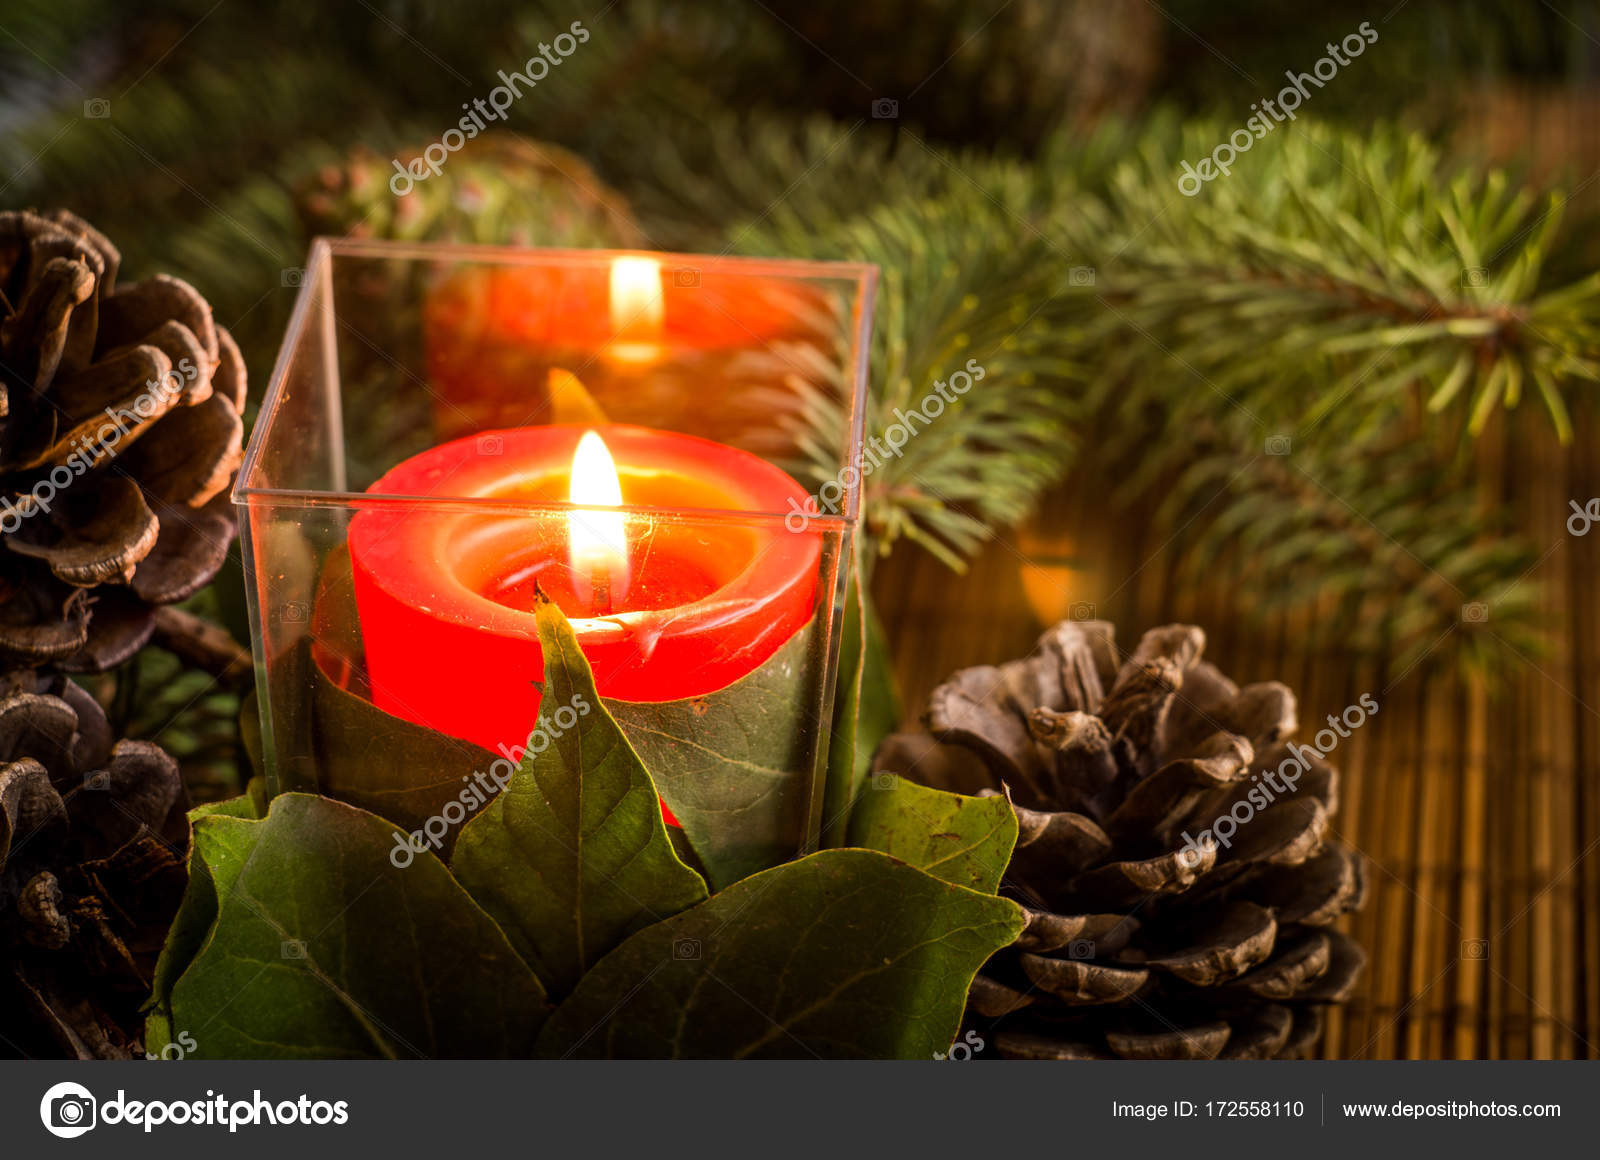 Vela En Vaso De Plastico Con Pinas De Arbol De Navidad Foto De - Arbol-de-navidad-con-vasos-de-plastico